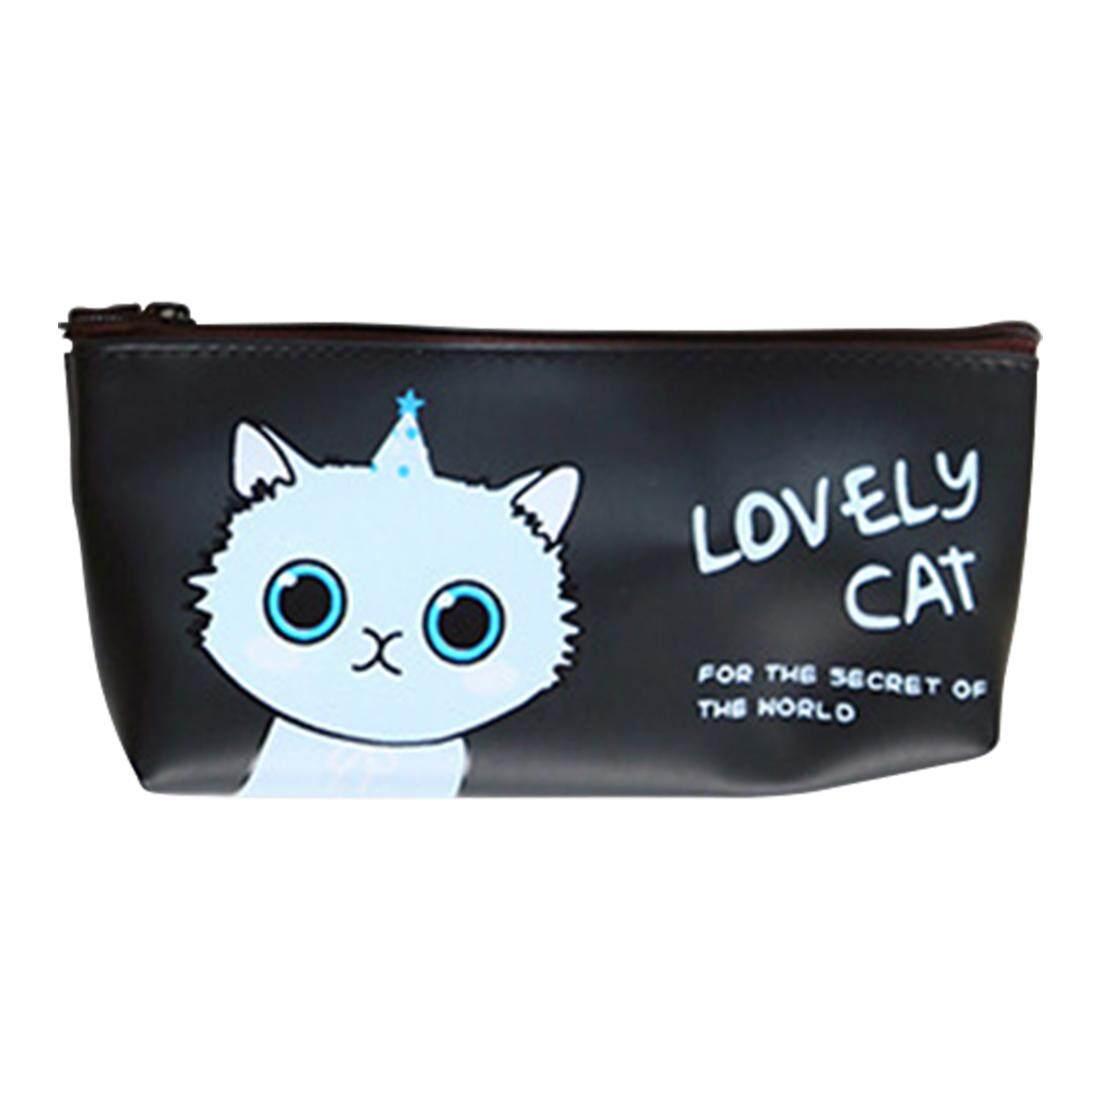 4 Buah Kucing Lucu Dan Bermacam Macam Warna Kain Kanvas Garis Pola Tempat Pensil Bahan Kotak Gambar Kartun Tas Alat Tulis Motif Binatang